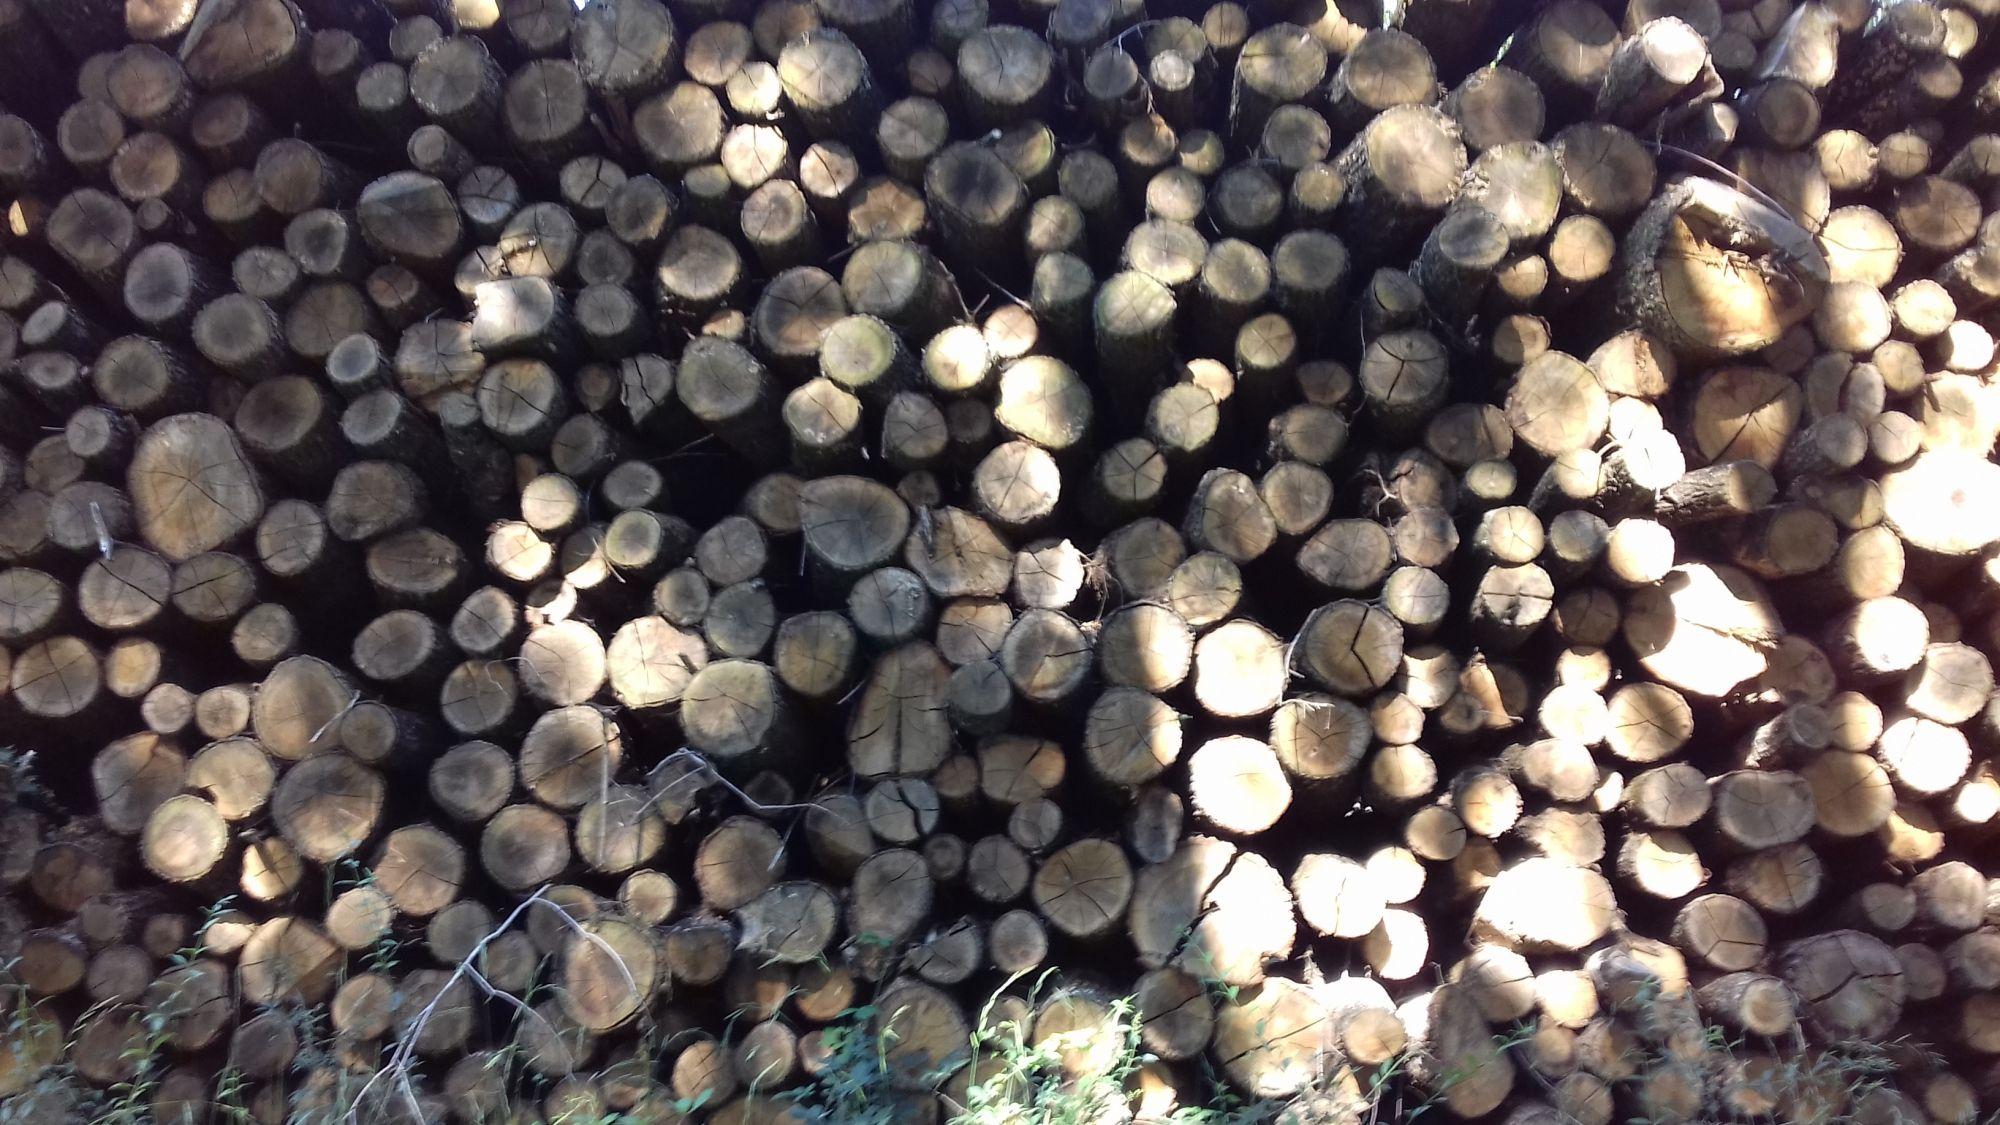 bois de chauffage 27site internet pour revendeur de combustible bois dans l'Eure